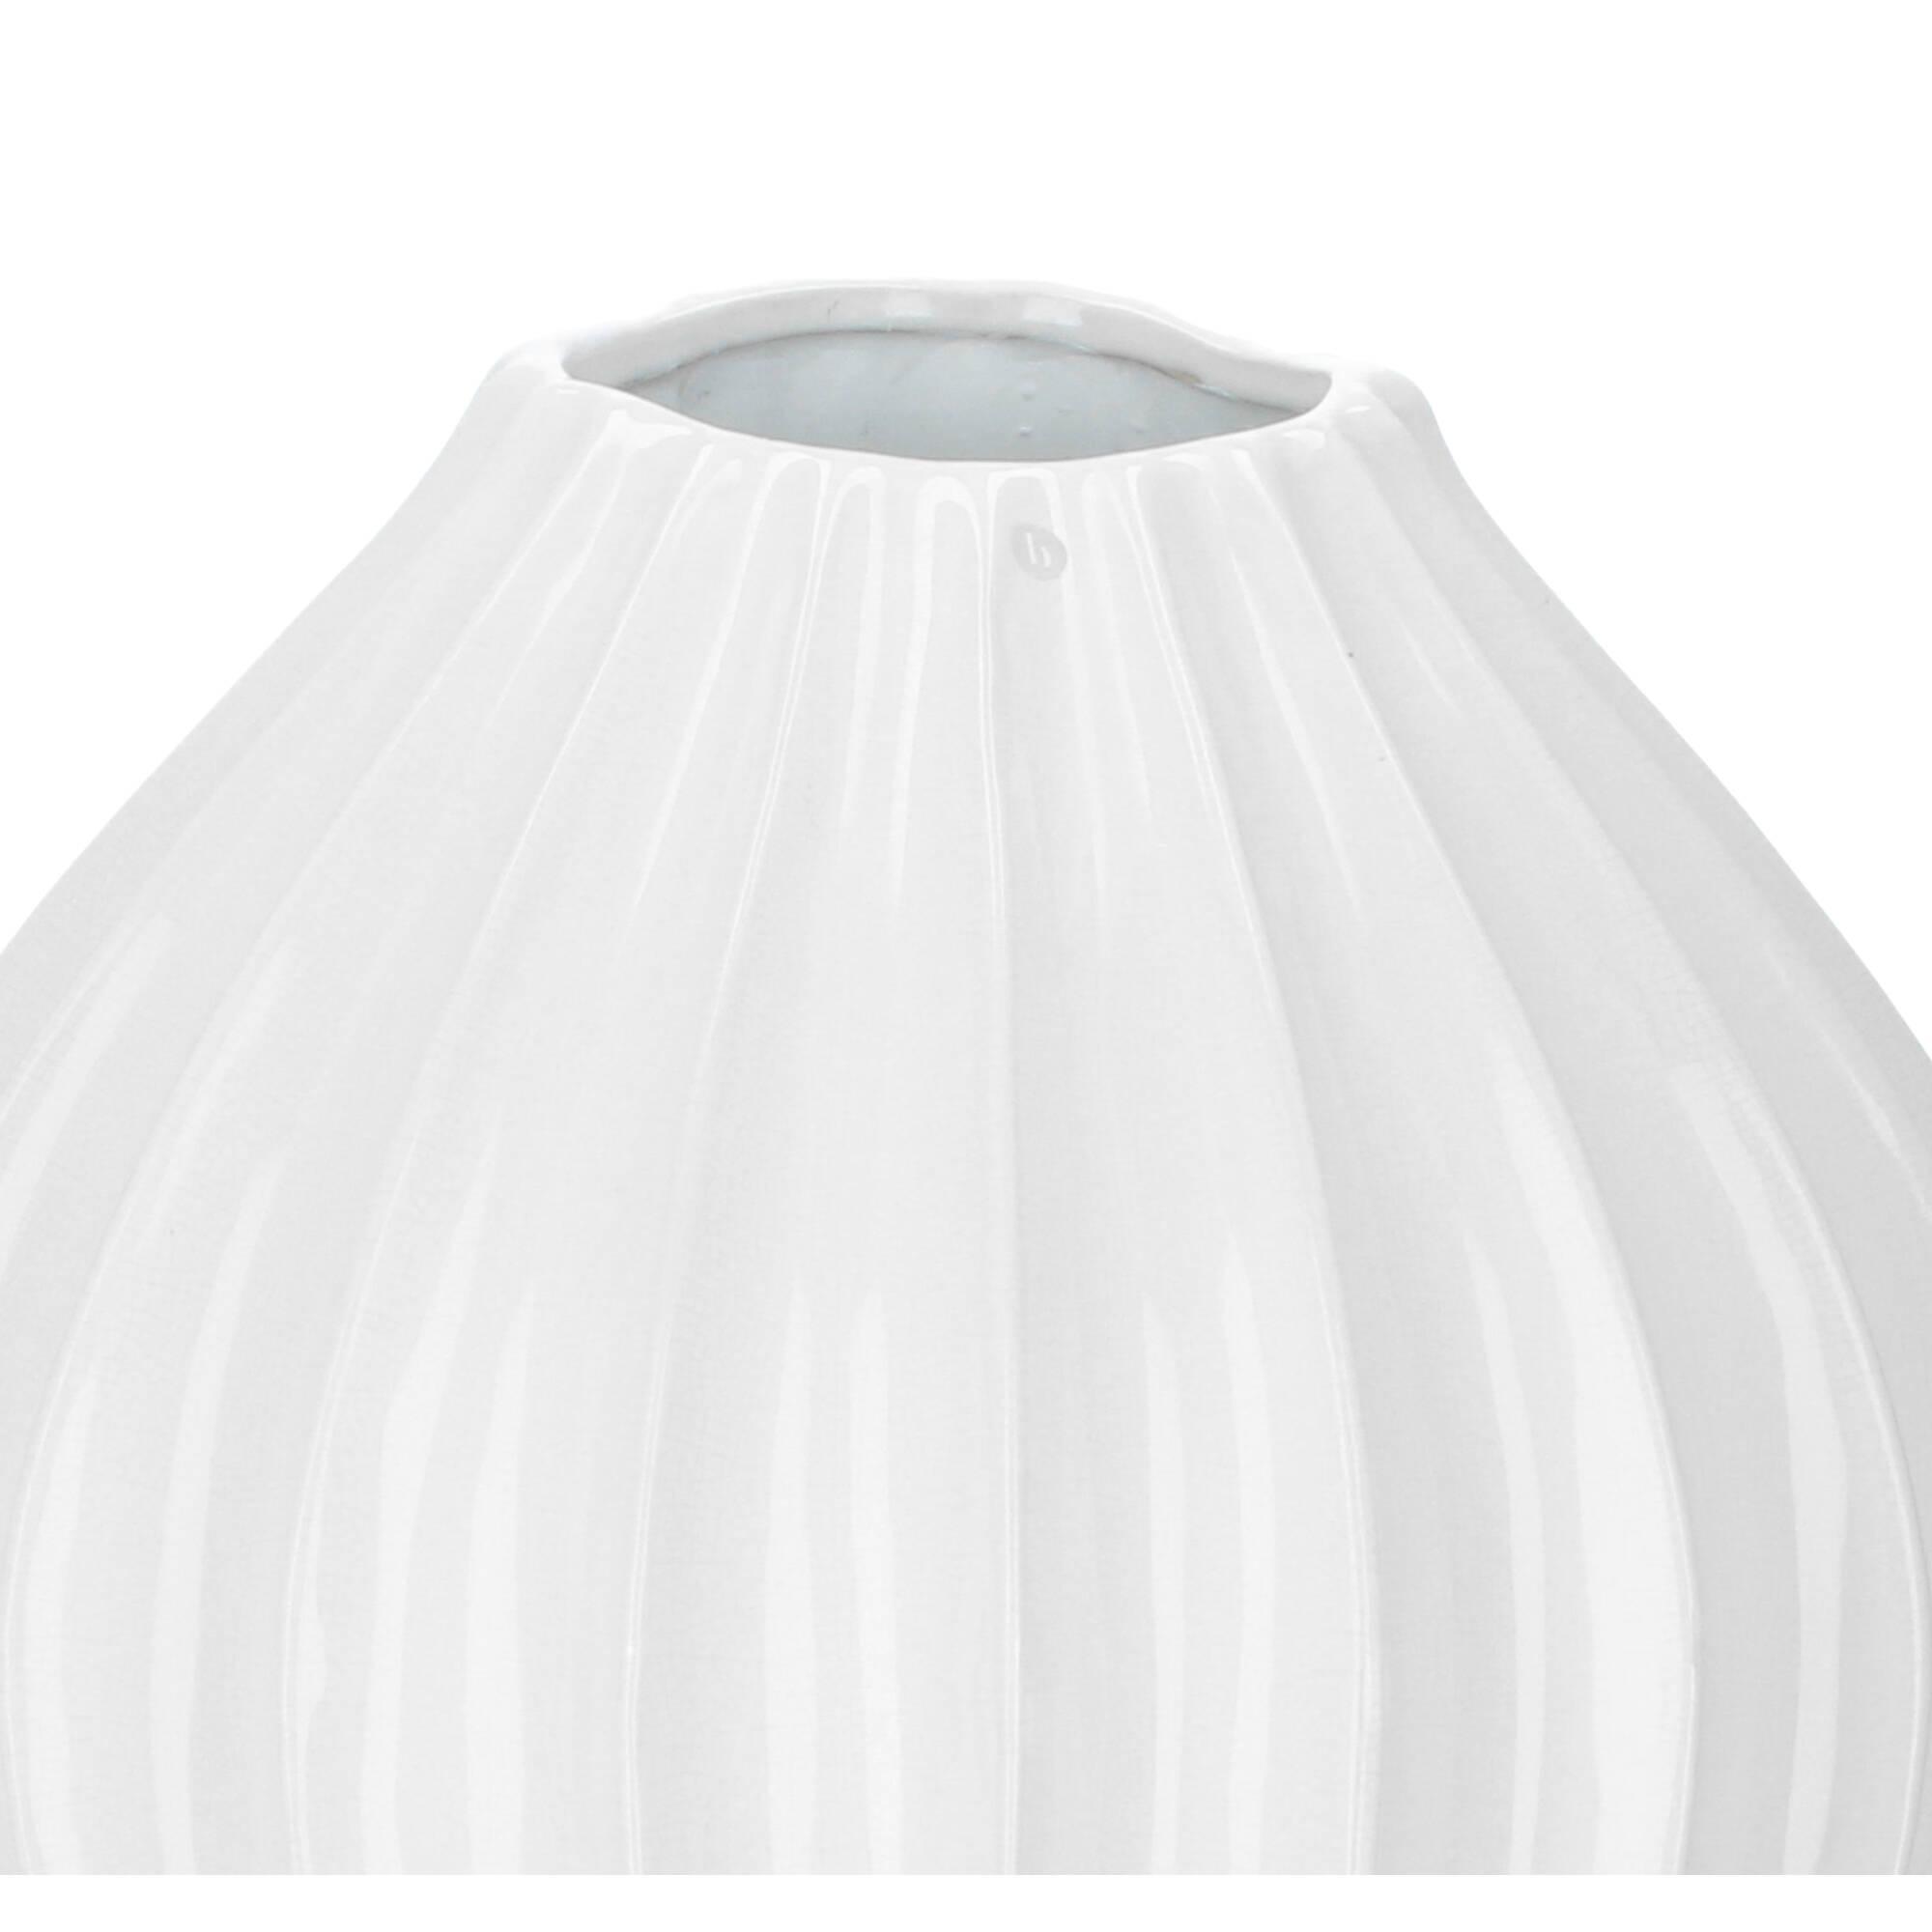 Broste Copenhagen Vase Wide XL Ivory 20cm Elfenbein